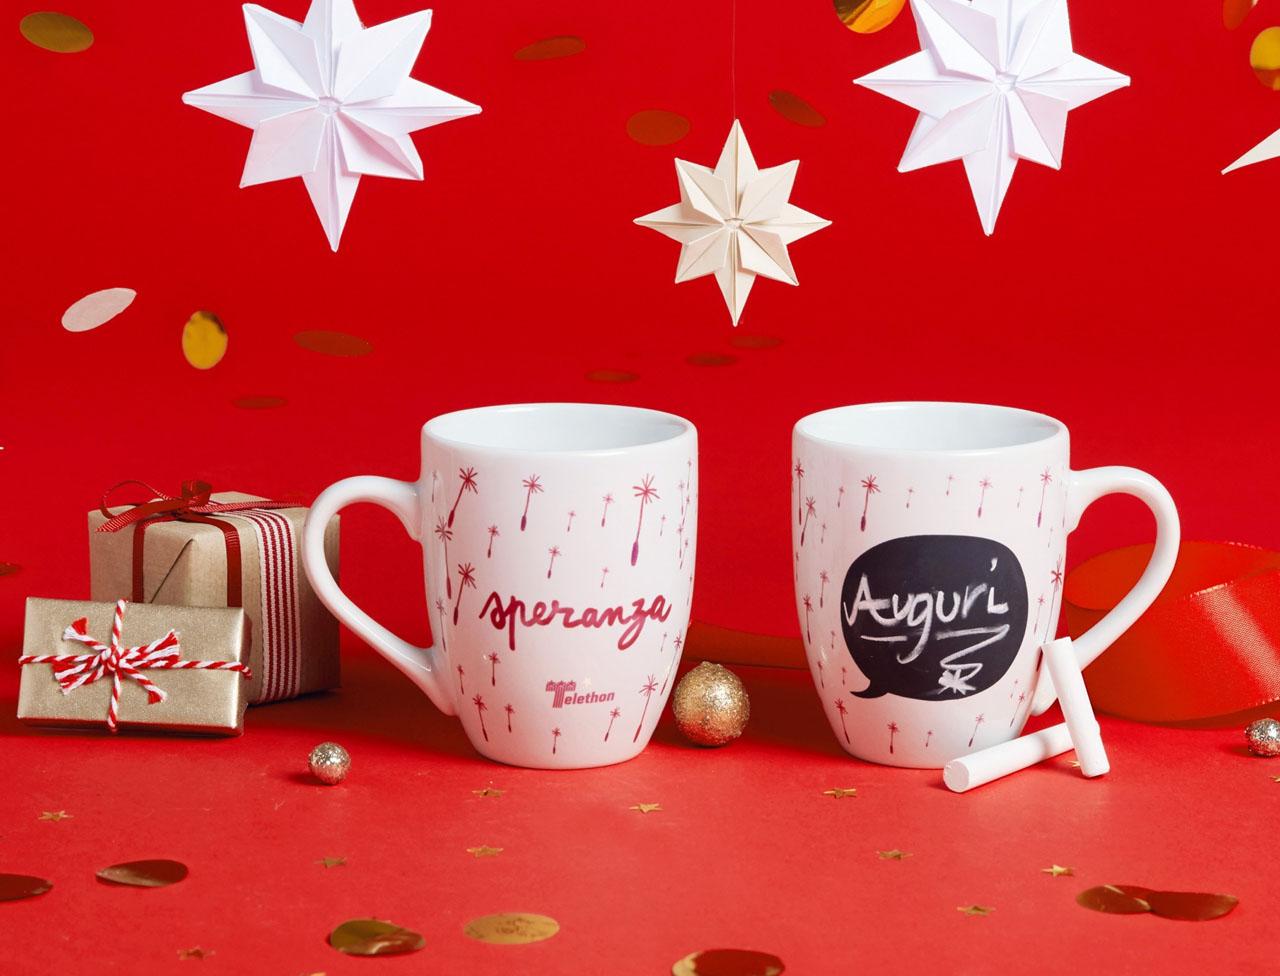 Set 2 Mug lavagna